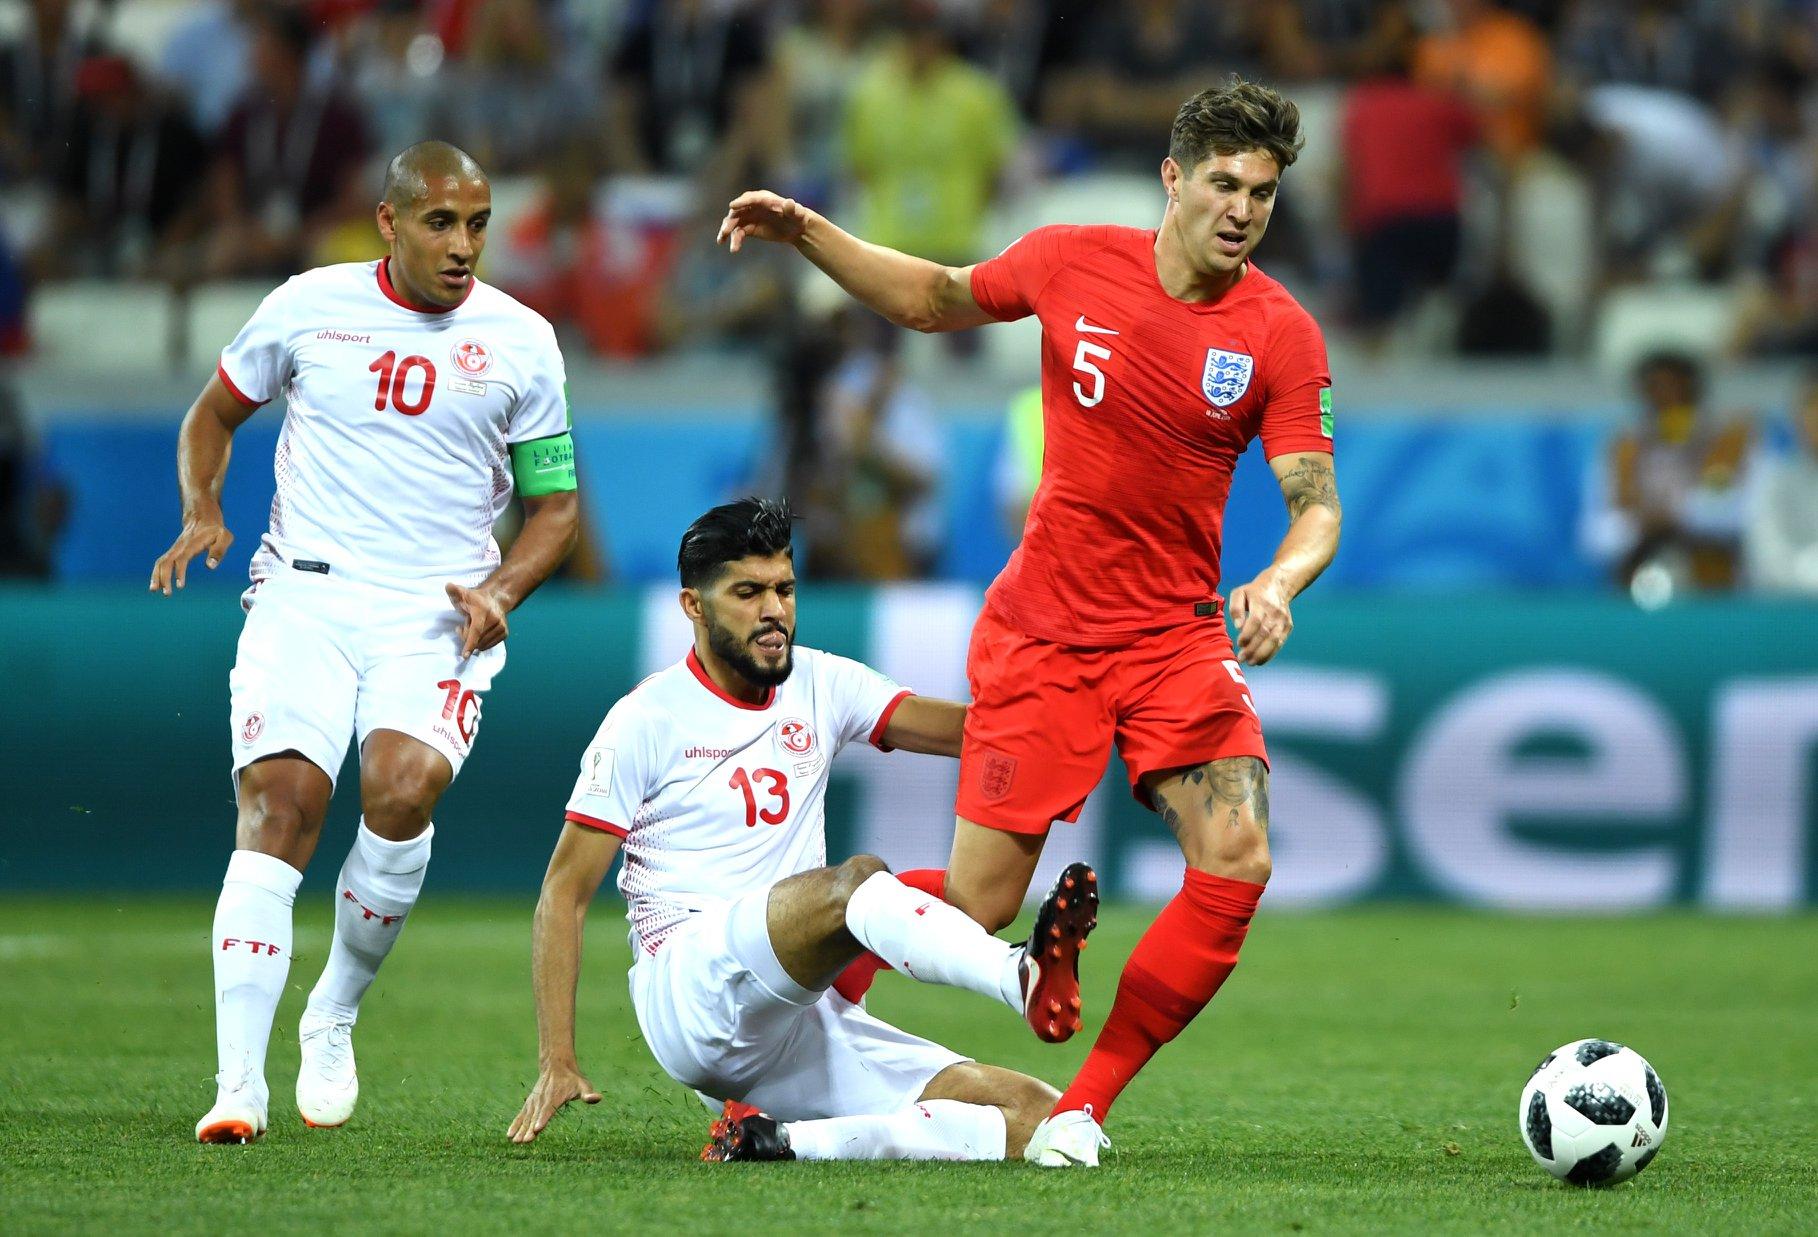 Kết quả bảng G World Cup 2018: Anh và Bỉ khẳng định sức mạnh